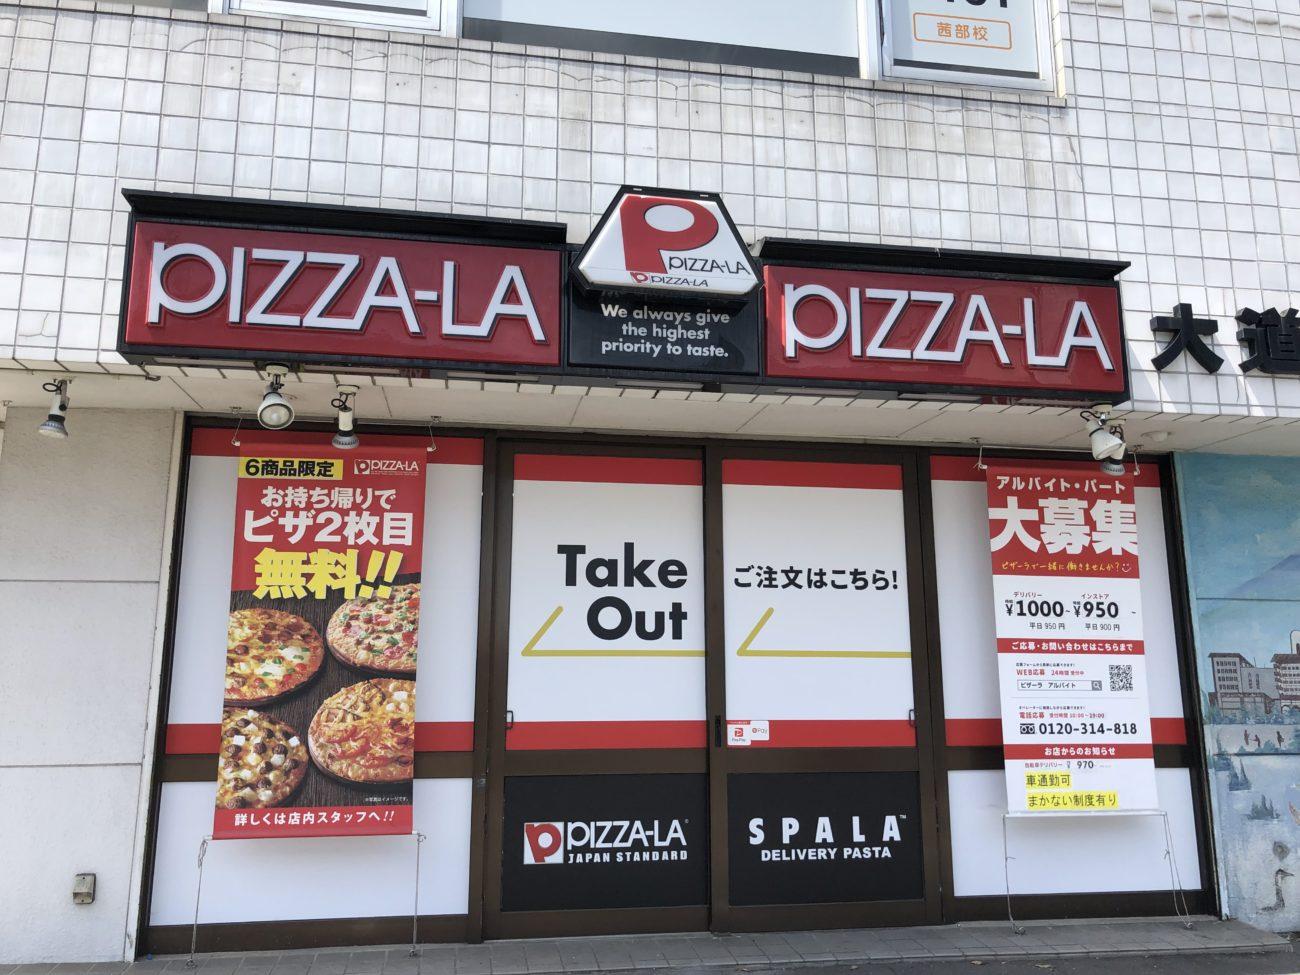 フランチャイズ展開している人気の宅配ピザチェーン店「ピザーラ」について徹底解析!